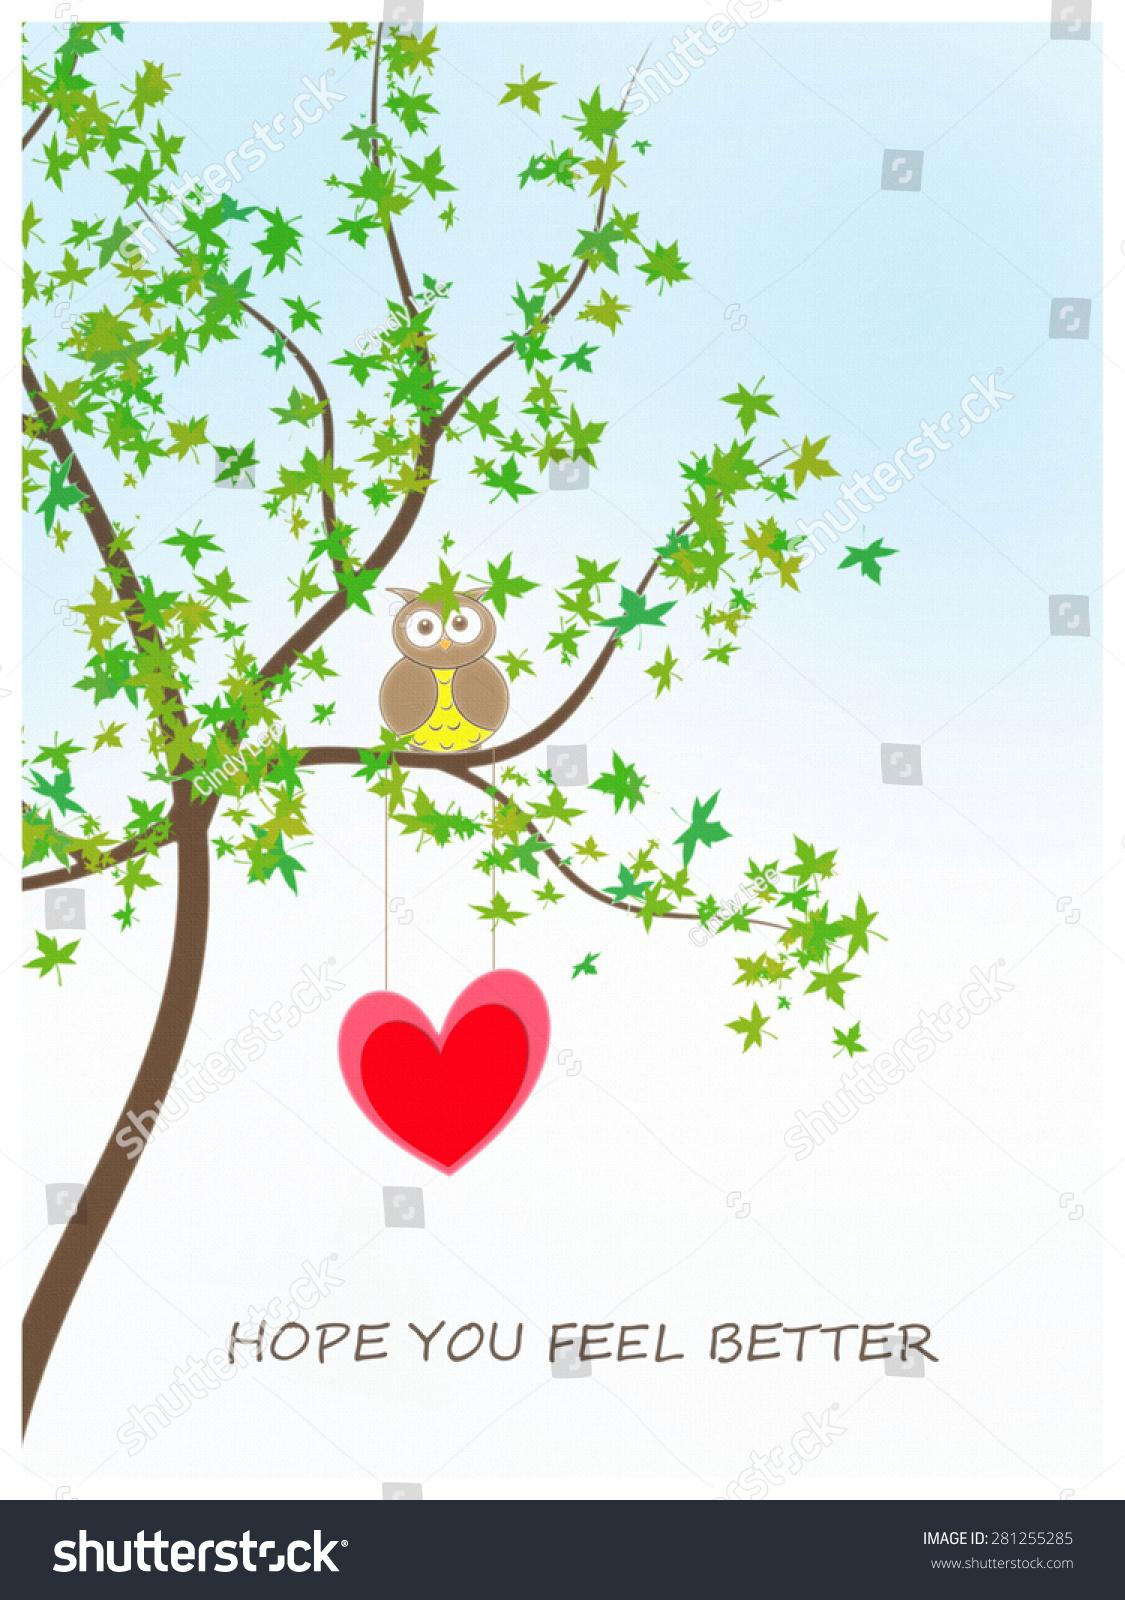 Owl Heart Hope You Feel Better Stockillustratie 281255285 Shutterstock